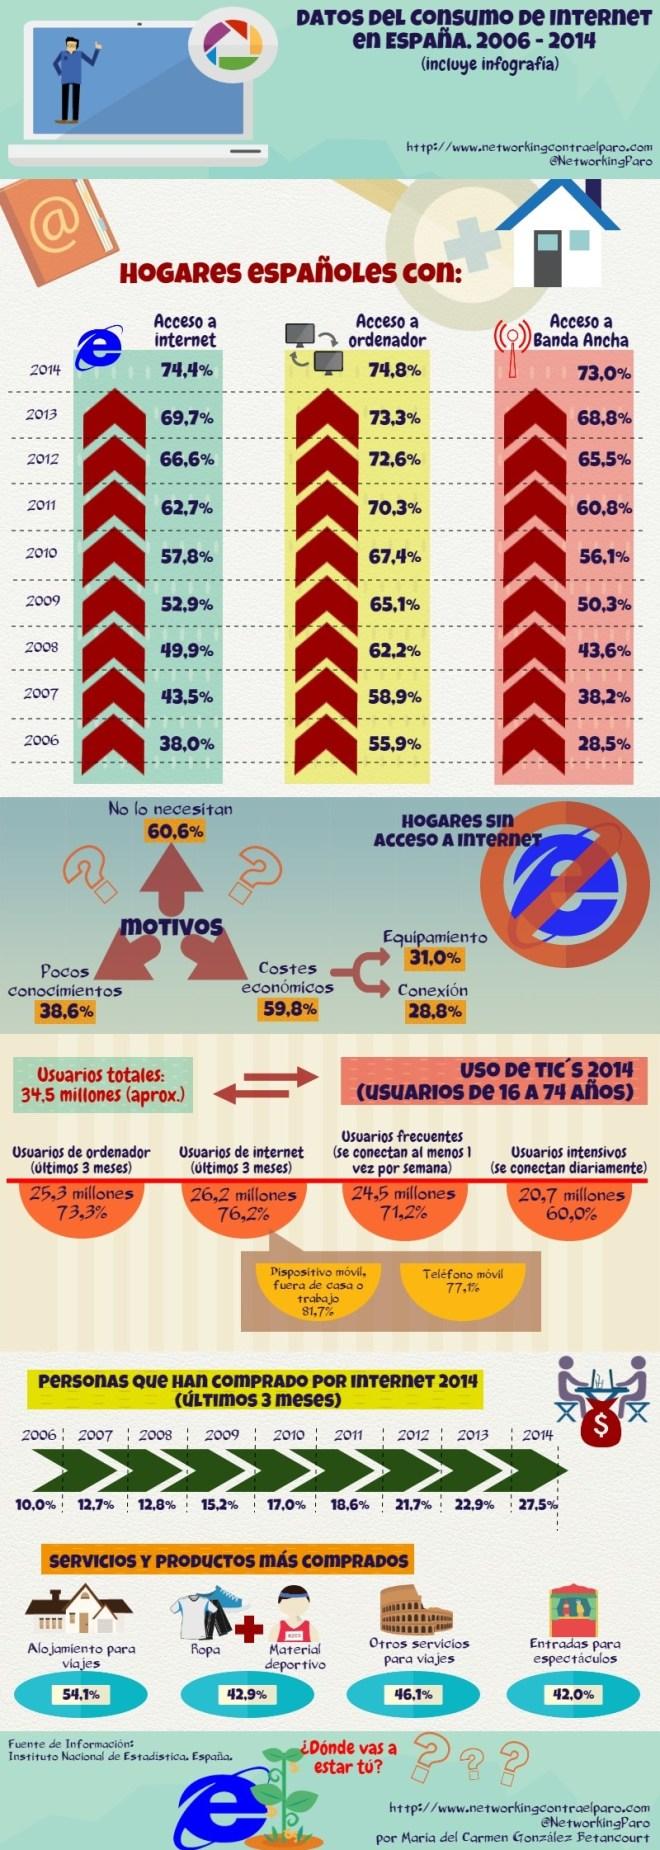 Hábitos de Consumo de Internet en España 2006 – 2014